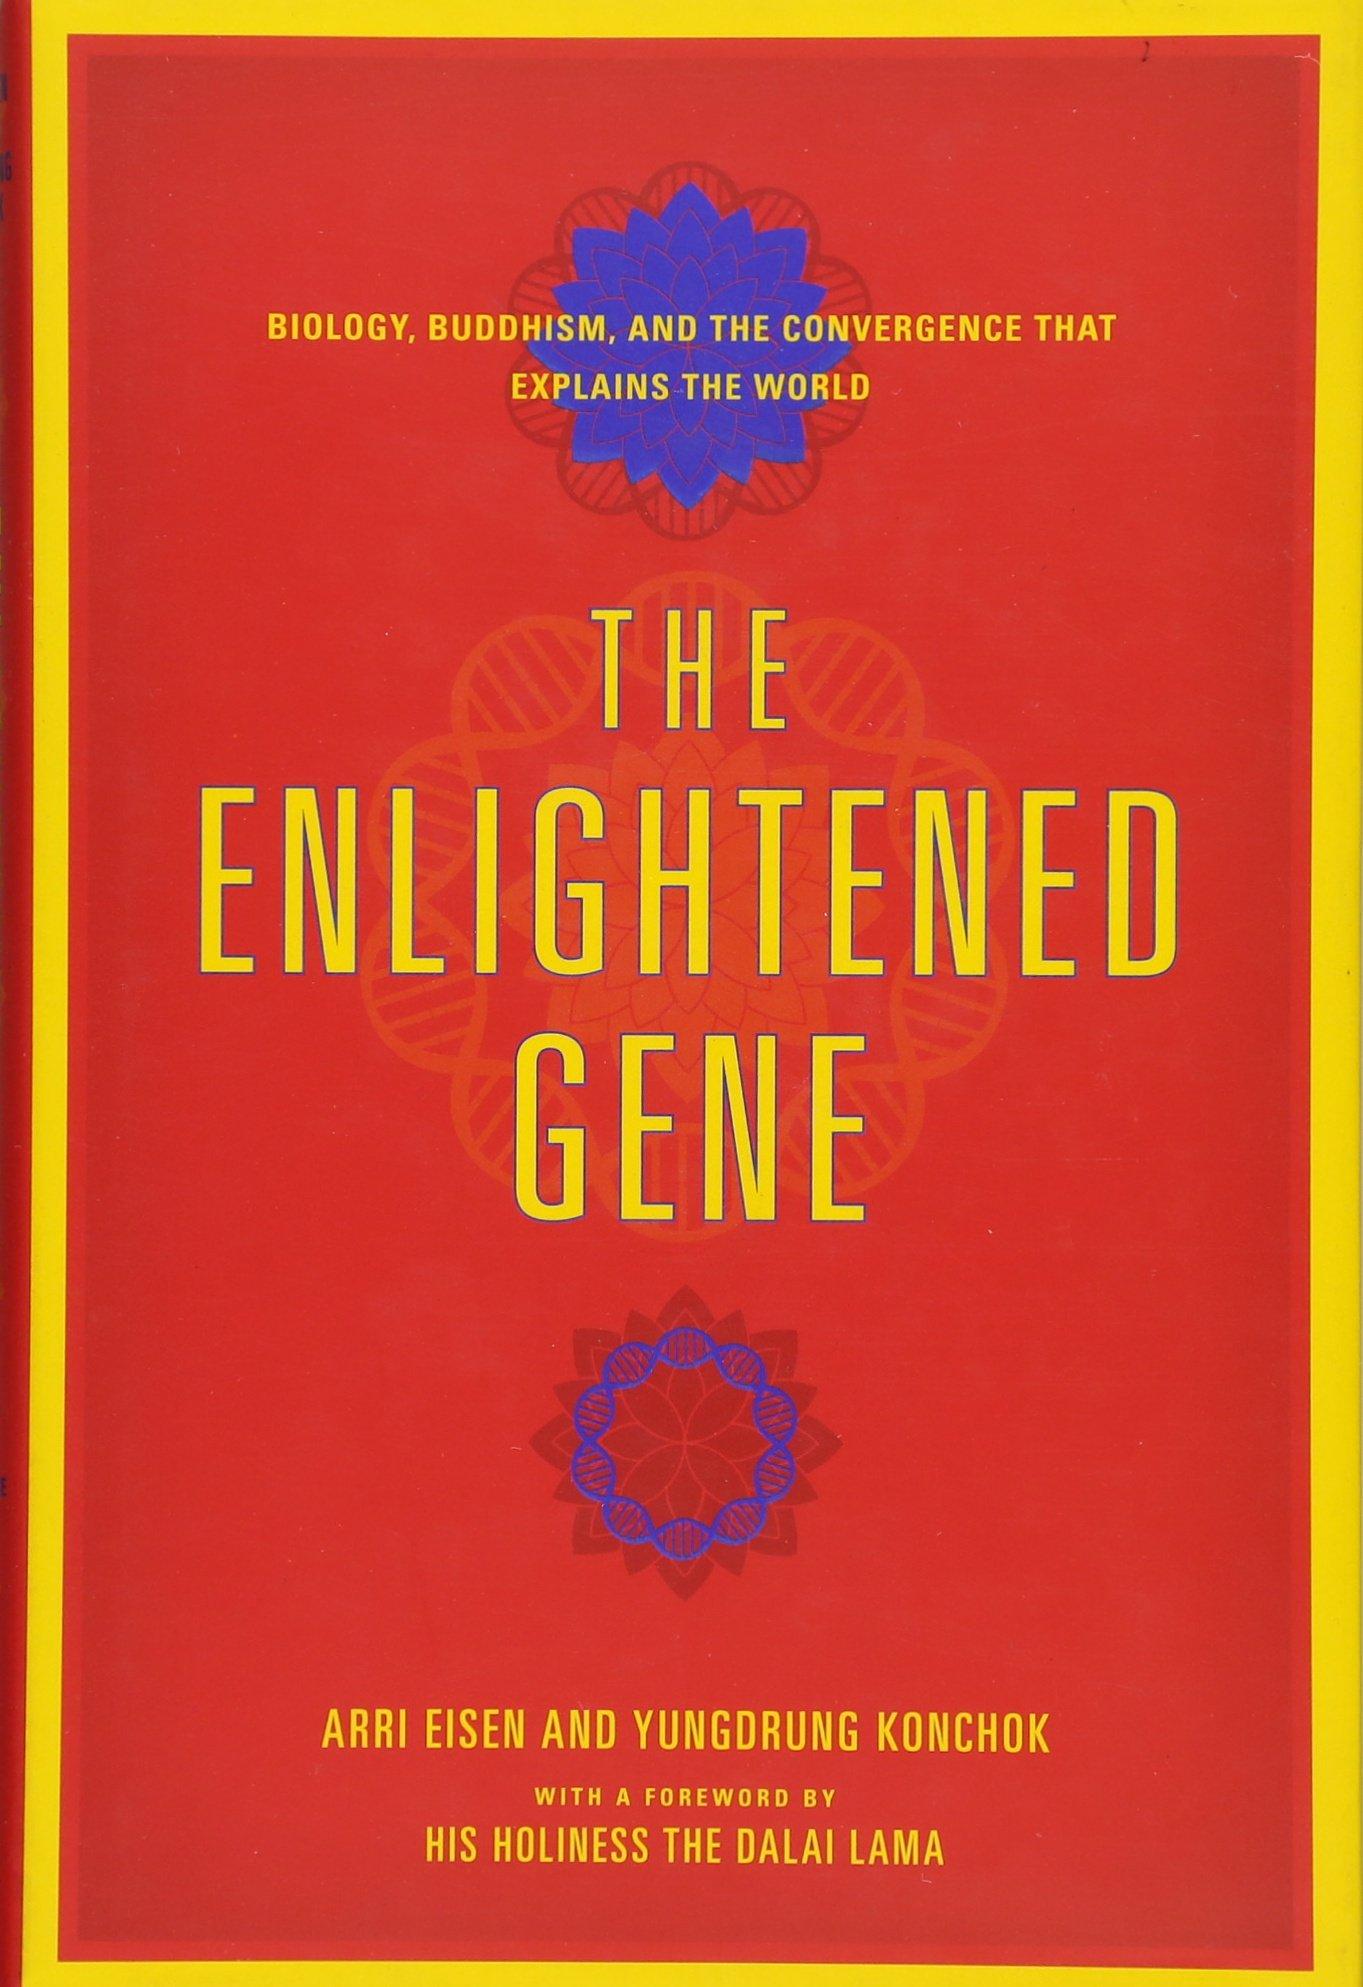 Eisen and Konchok Enlightened Gene cover art